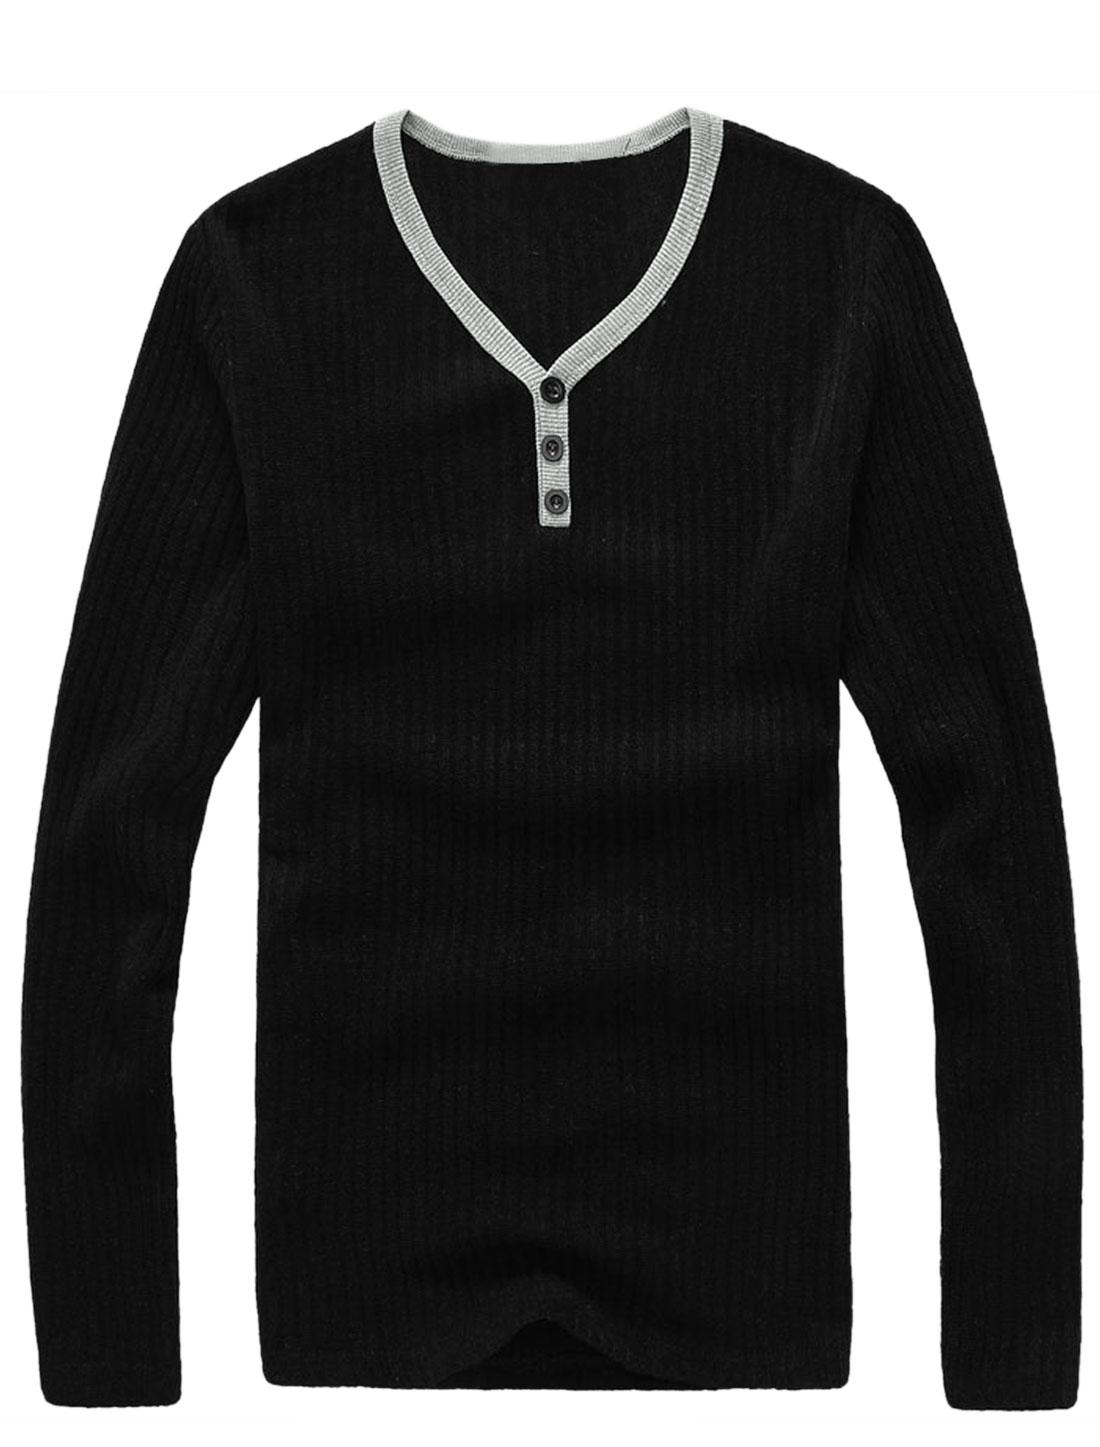 Men Slim Fit Y Neck Mock Placket Slipover Knit Top Black M